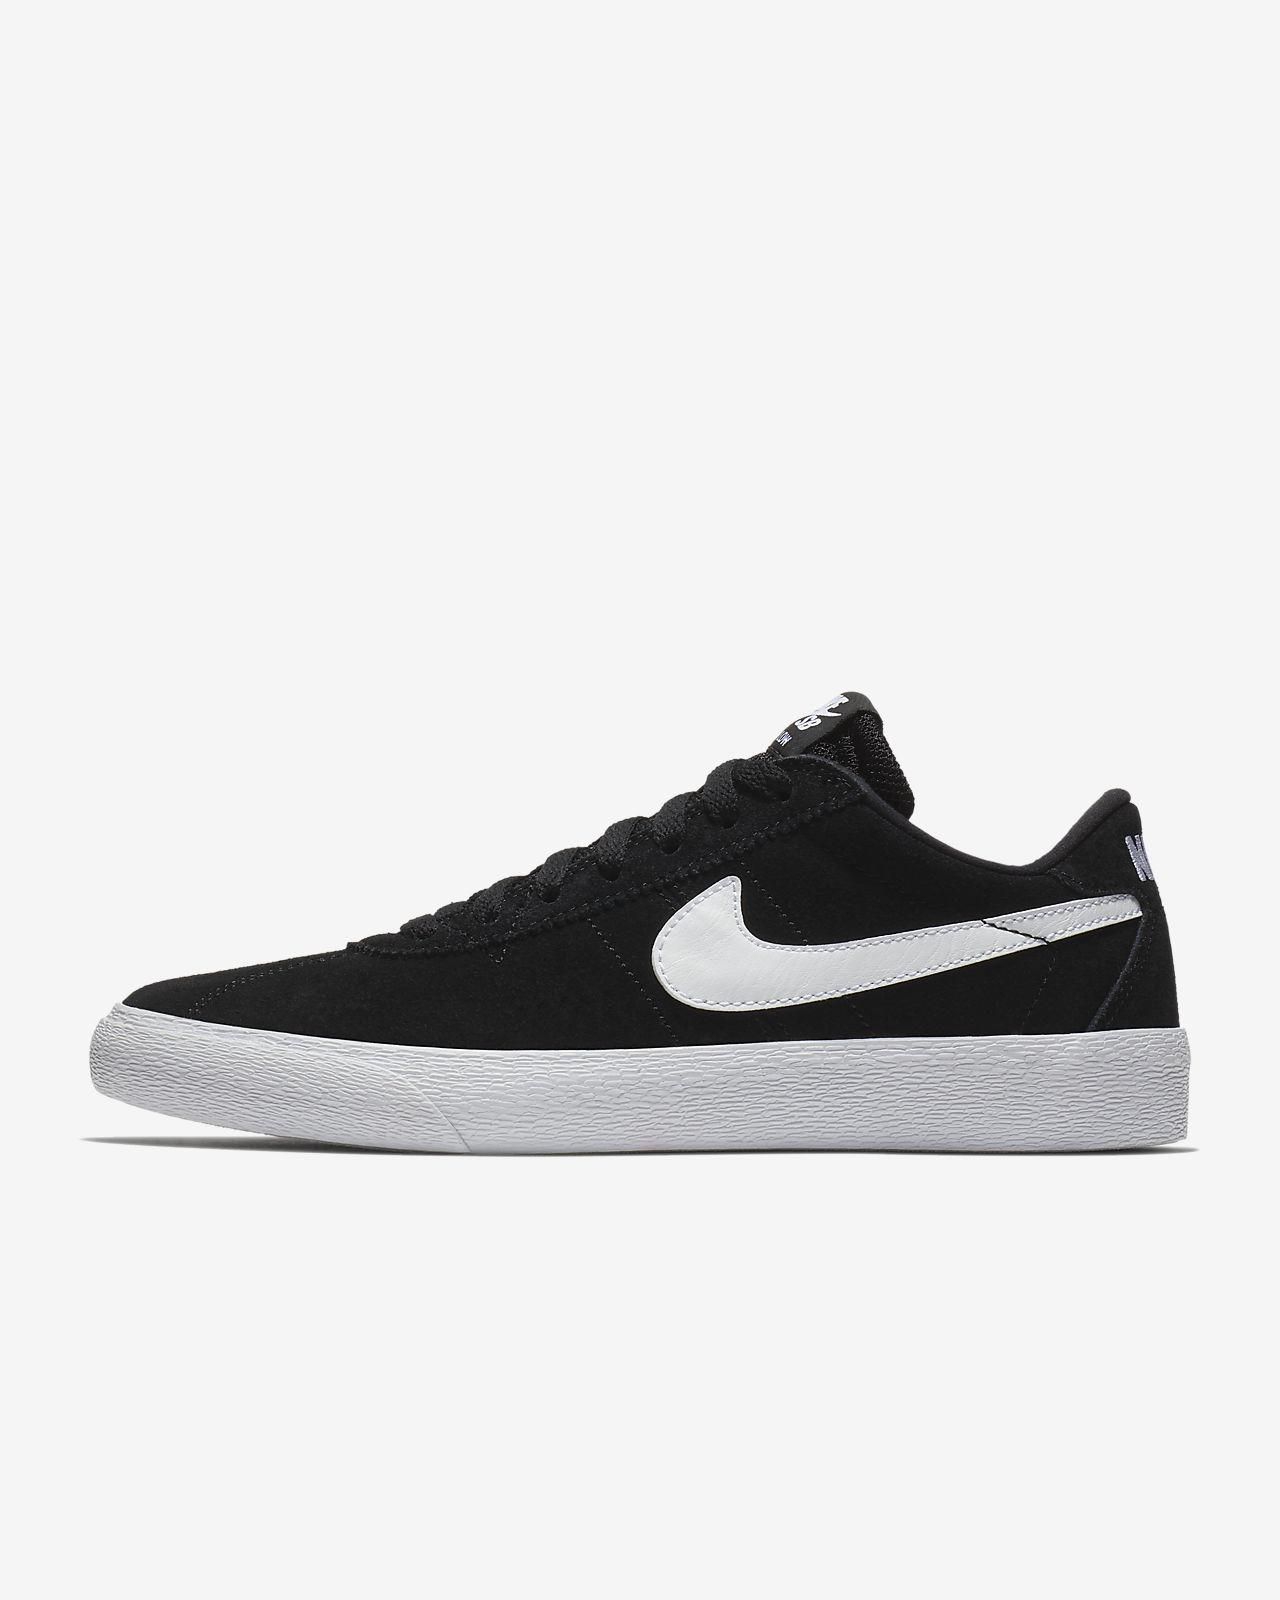 on sale 797ab 574a2 Women s Skateboarding Shoe. Nike SB Zoom Bruin Low